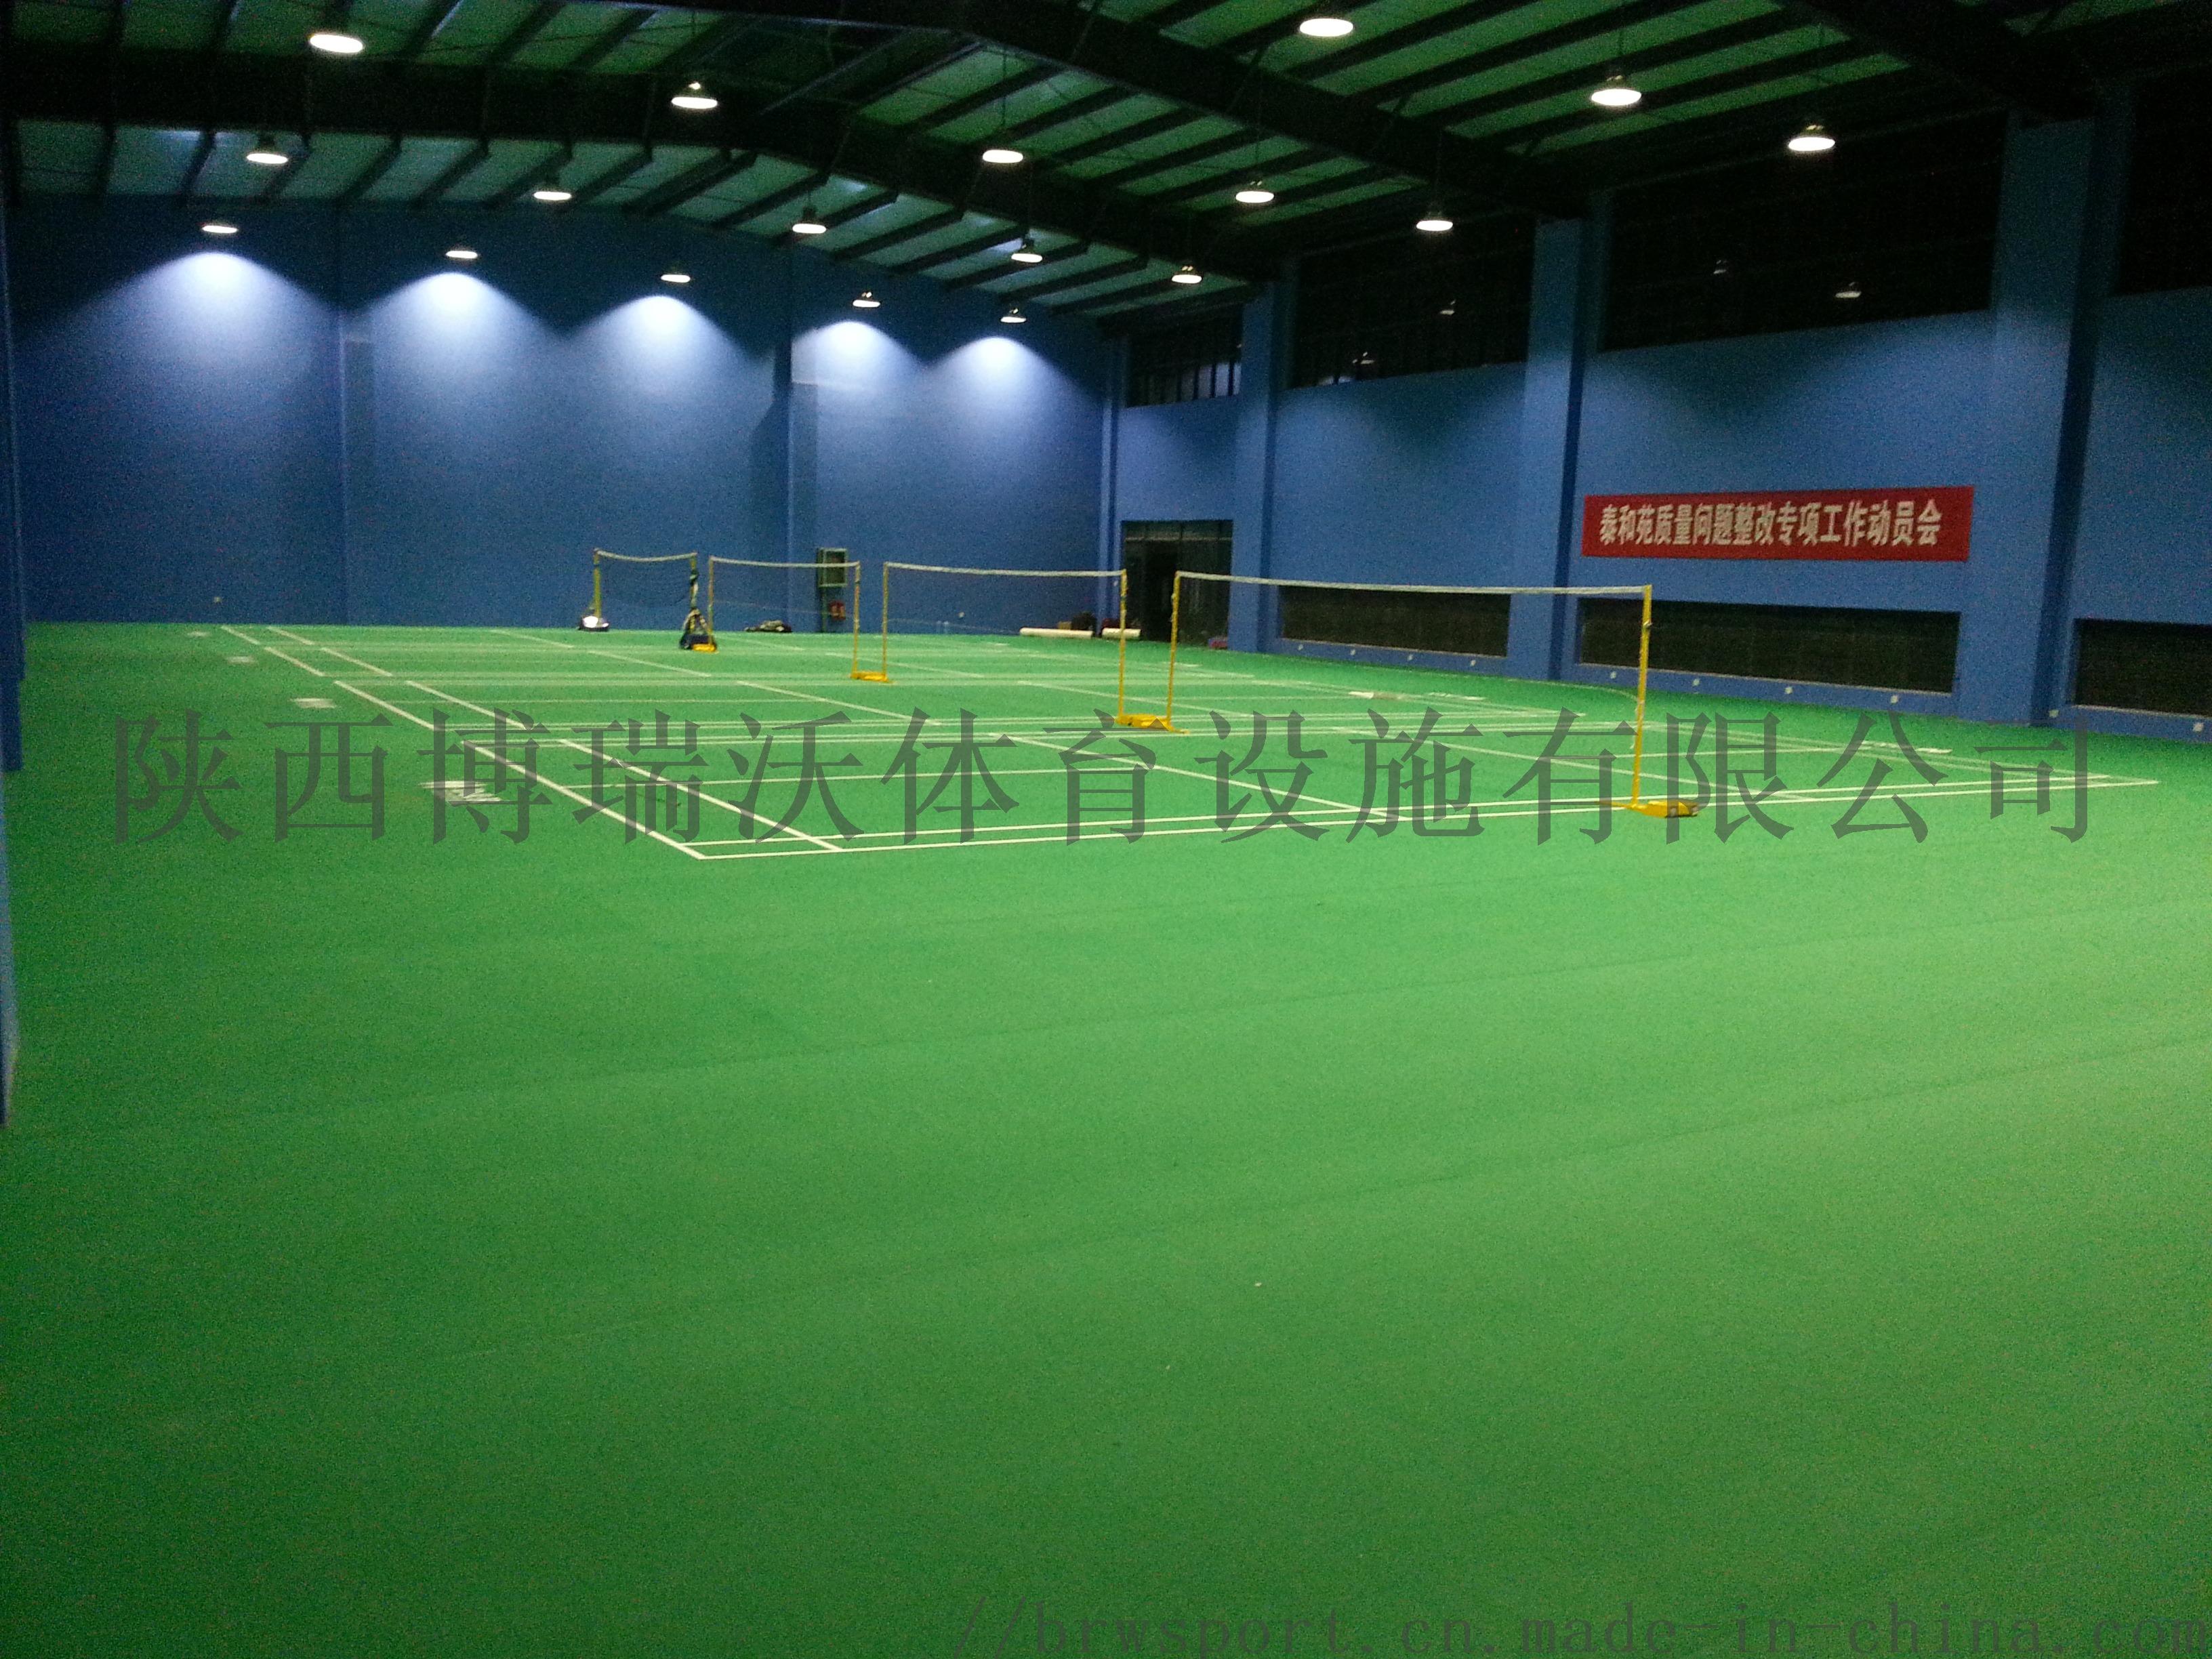 木地板羽毛球场,羽毛球场木地板材料单价848109532